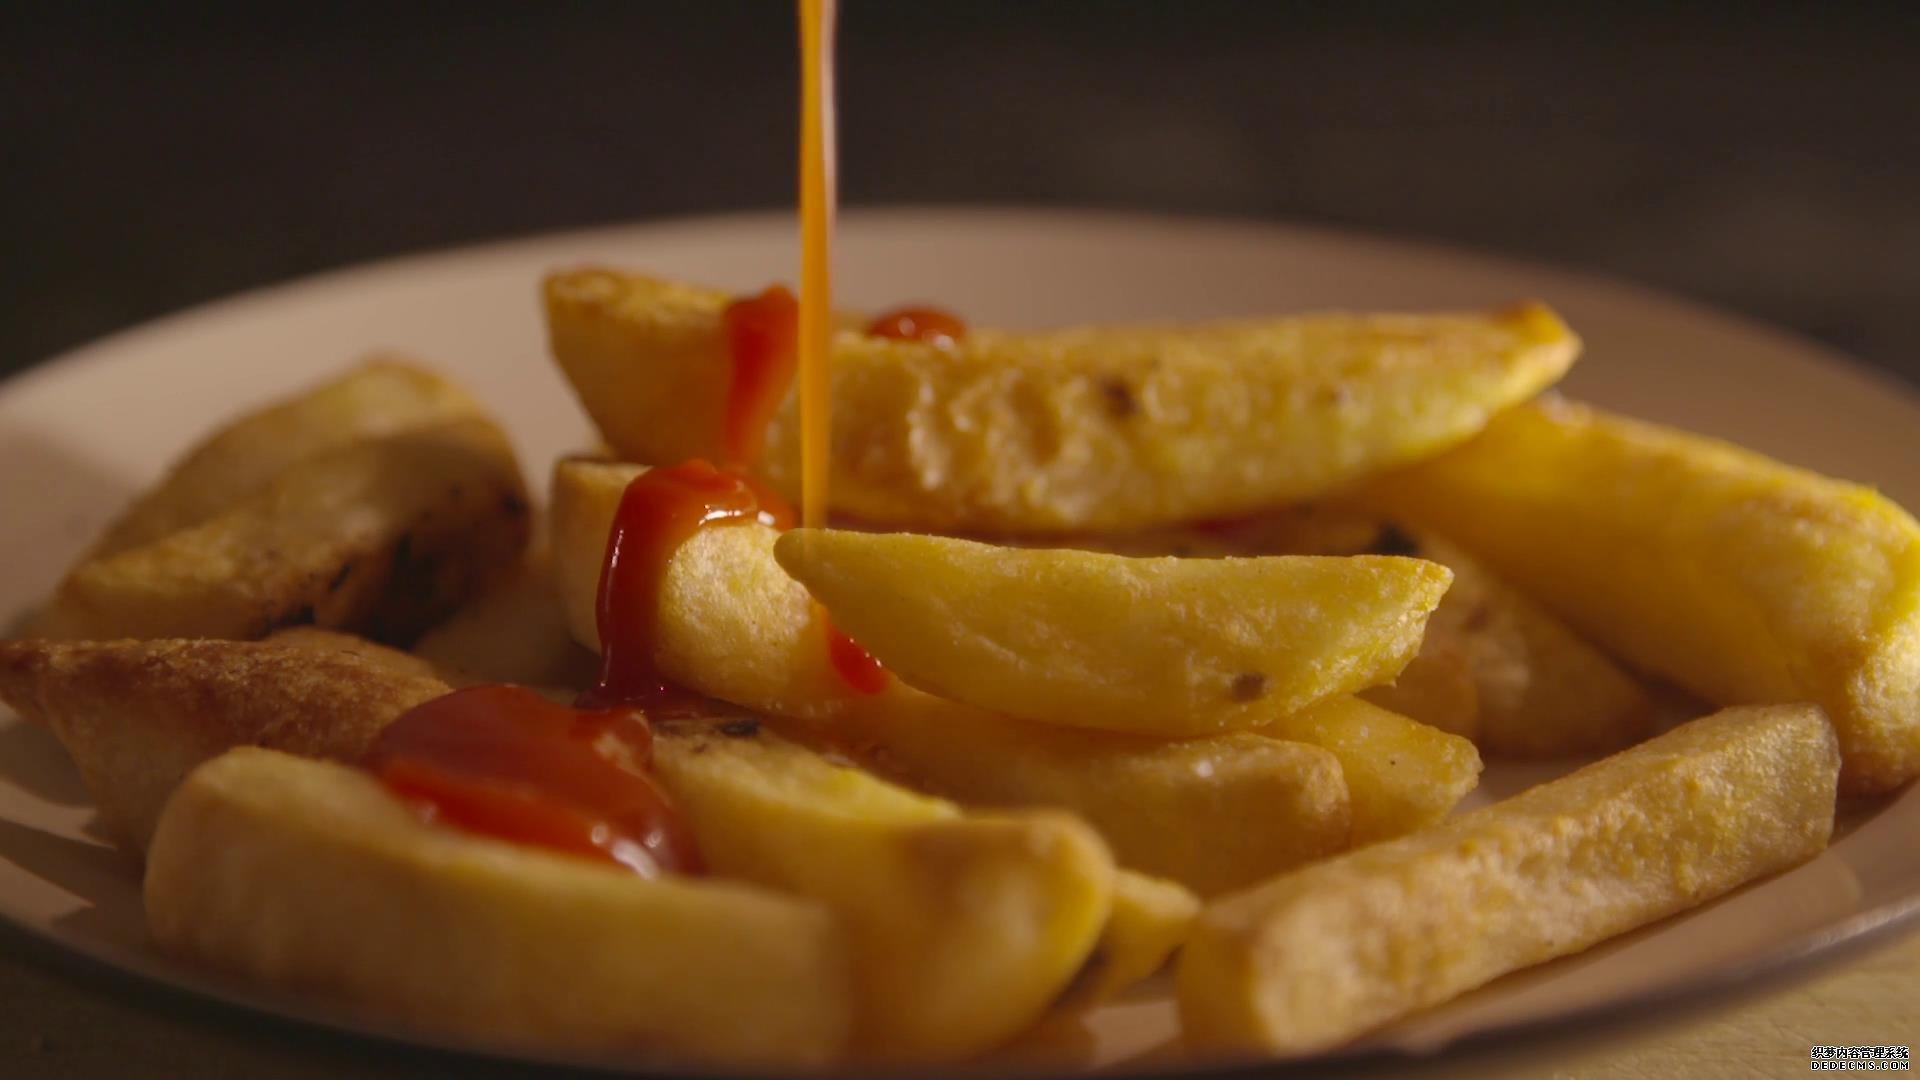 美食薯条番茄酱快餐组合高清视频素材